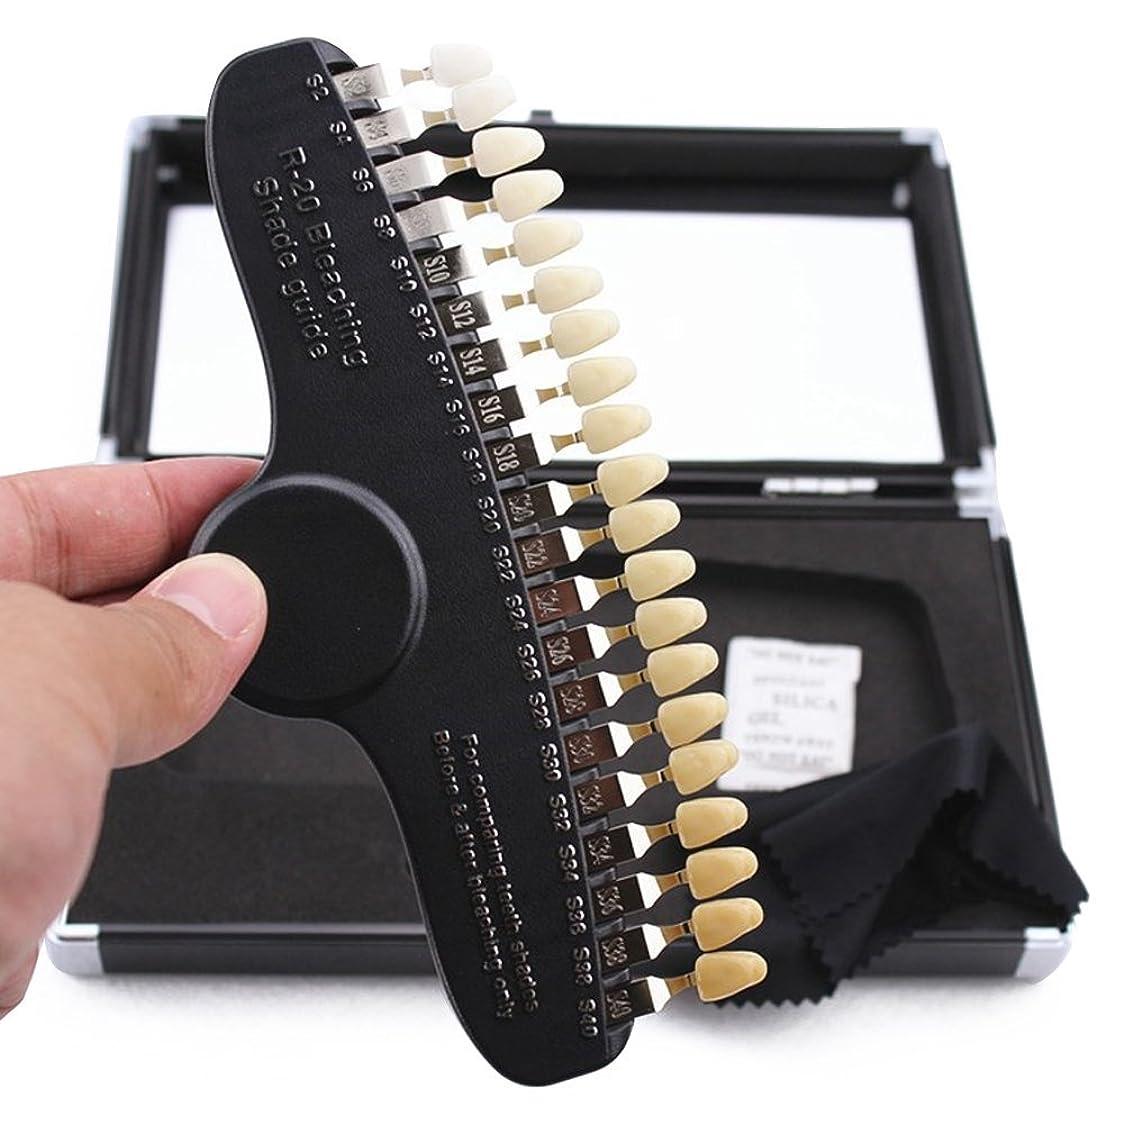 踏み台予知細菌PochiDen 歯科ホワイトニング用シェードガイド 20色 3D 歯列模型ボード